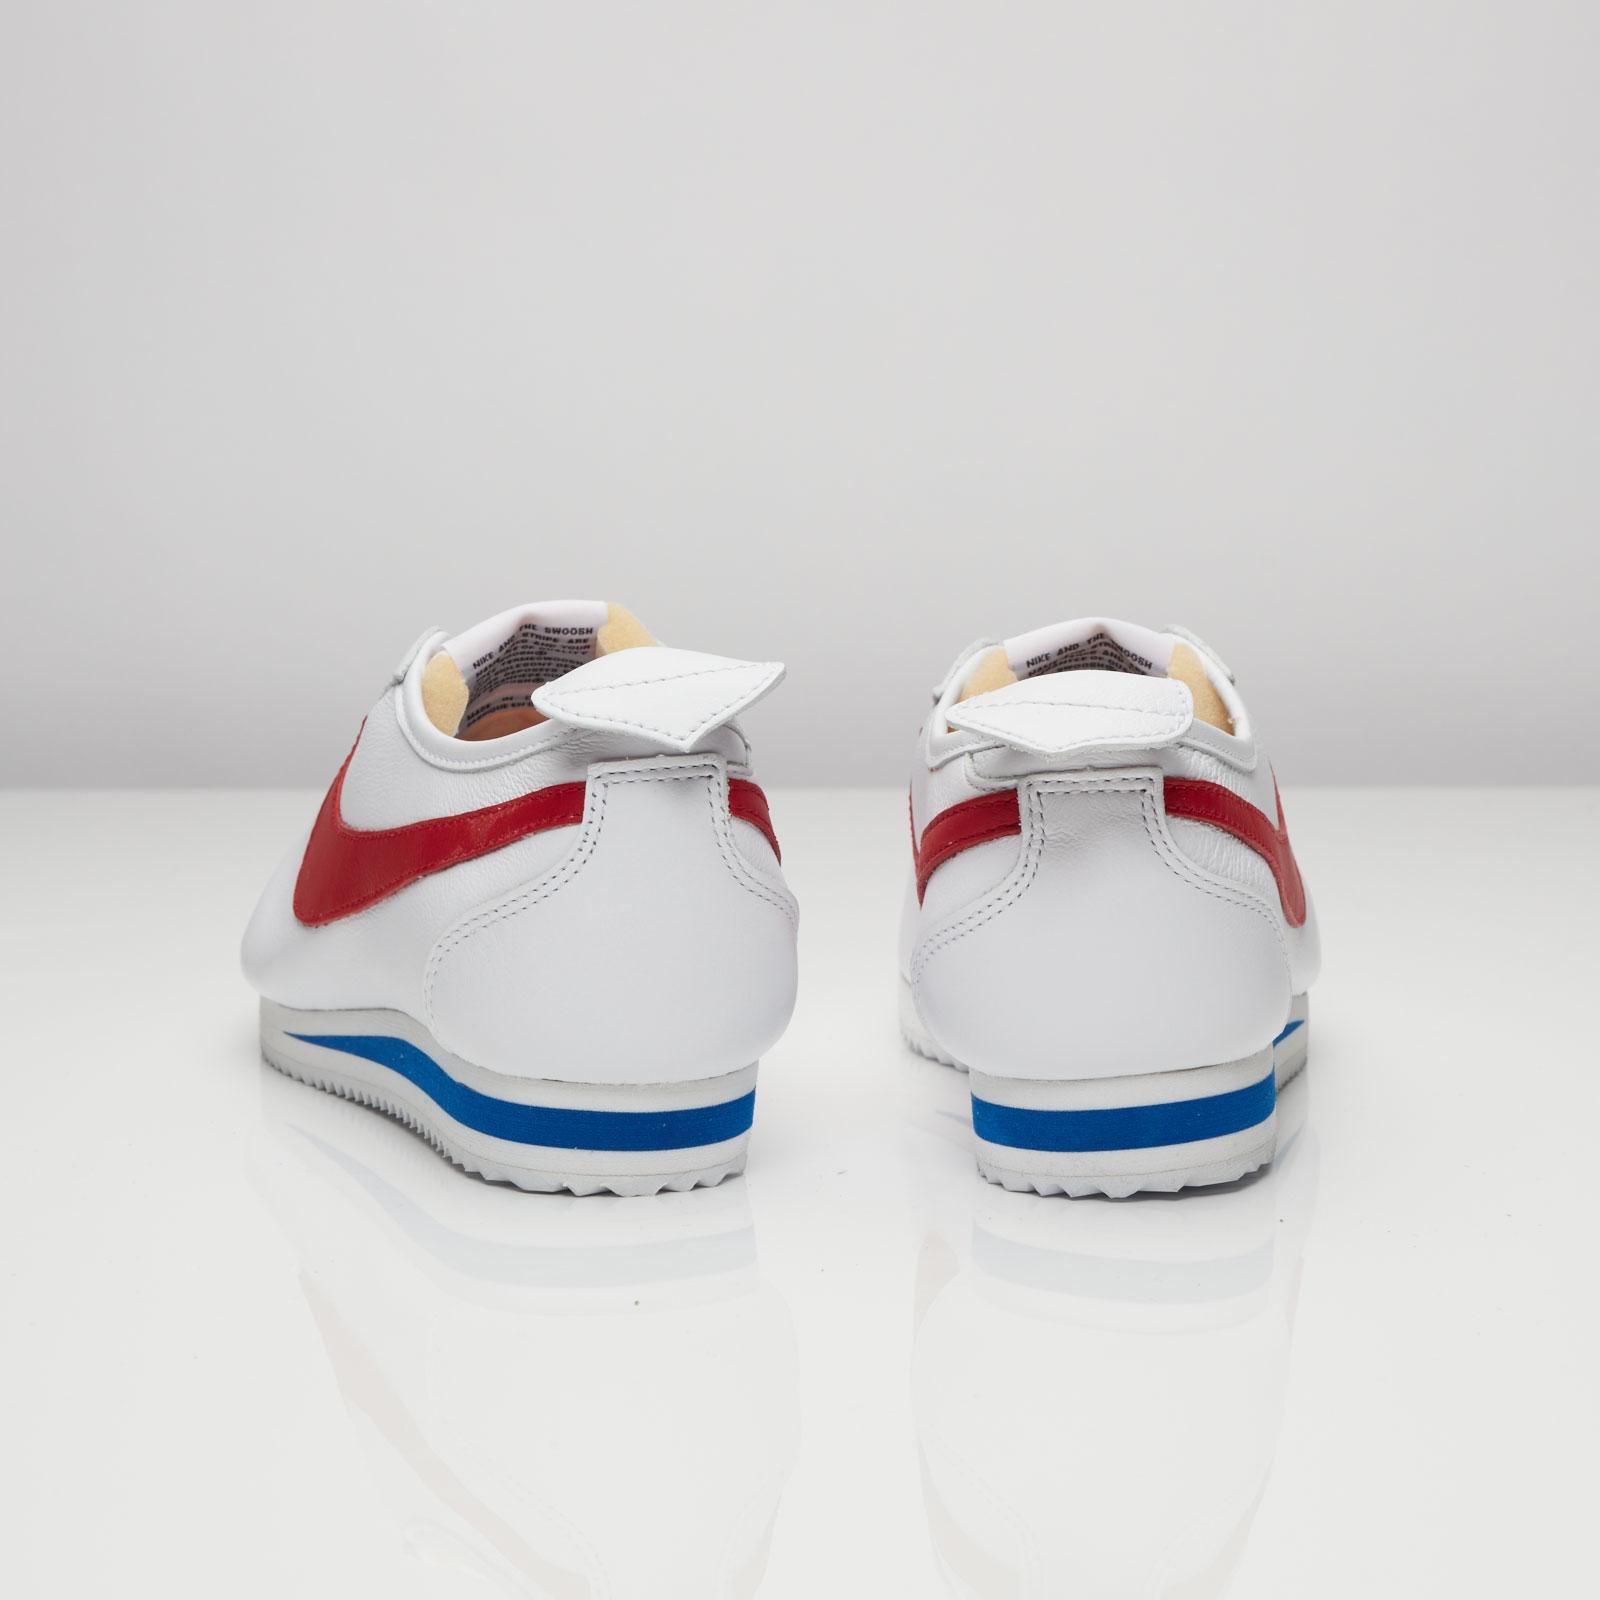 best authentic 4eb25 51d84 Nike Wmns Nike Cortez 72 Nike Wmns Nike Cortez 72 ...